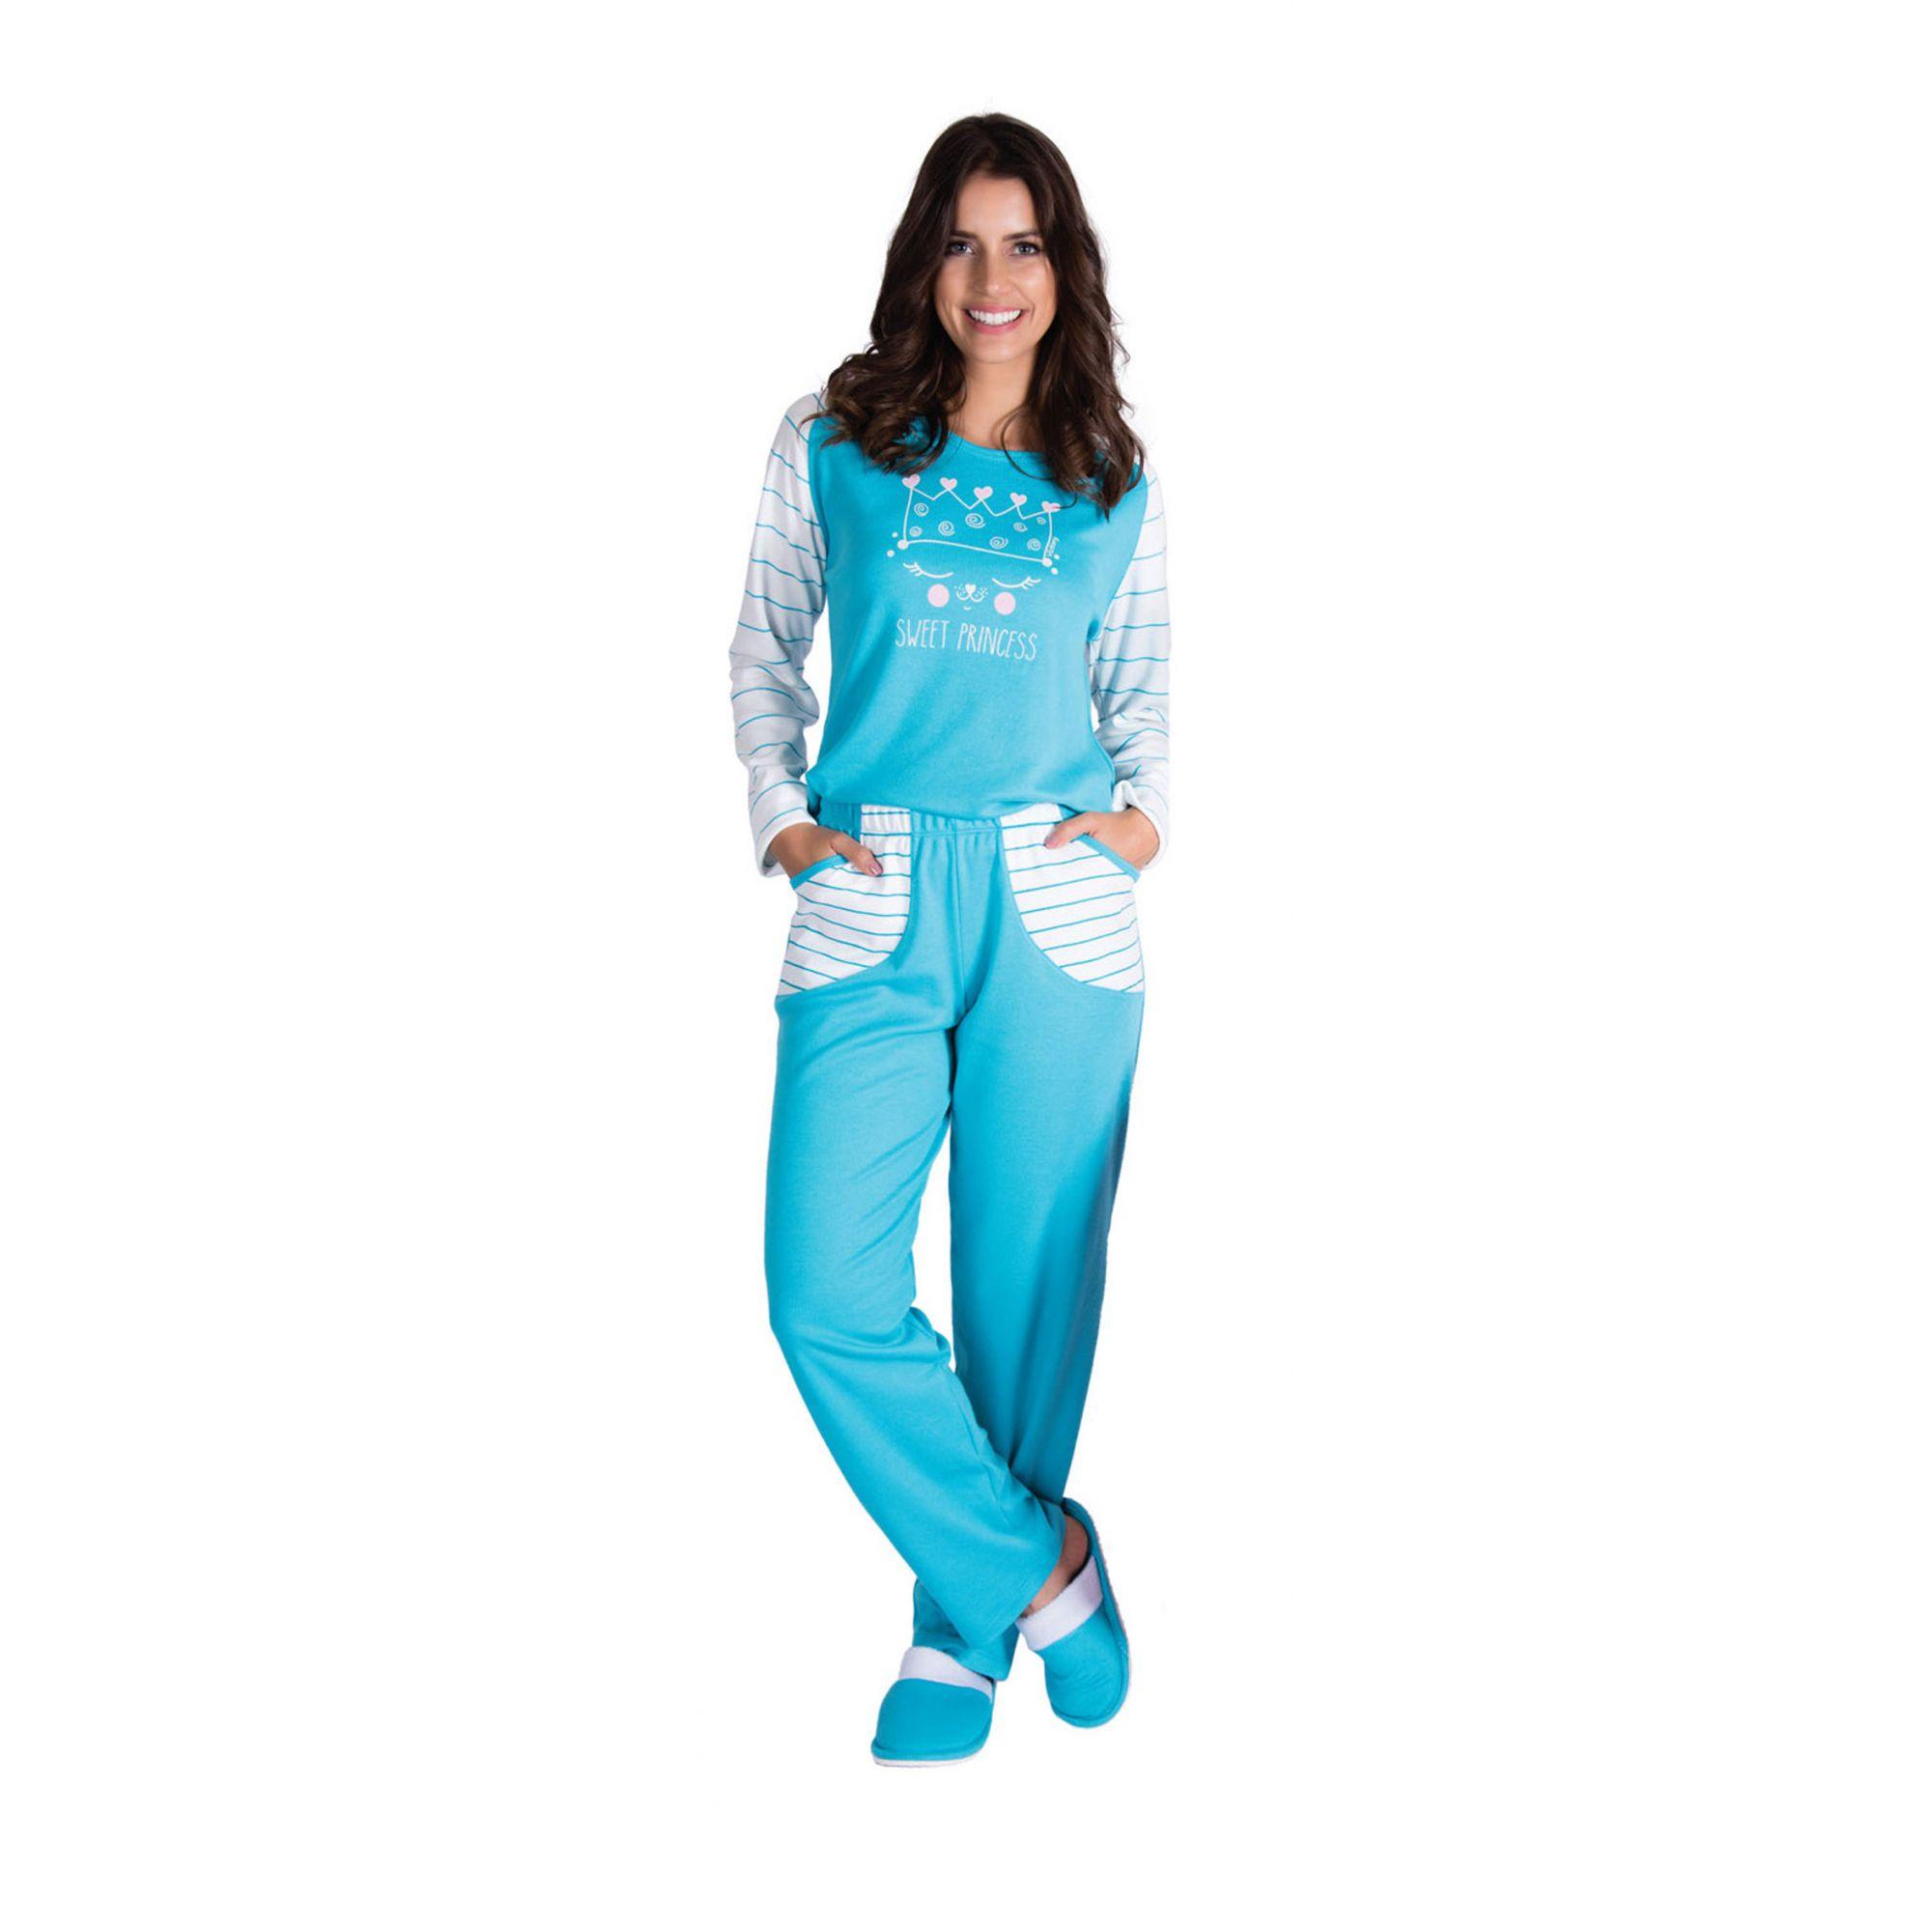 Pijama Feminino Inverno Peluciado - Victory 19118